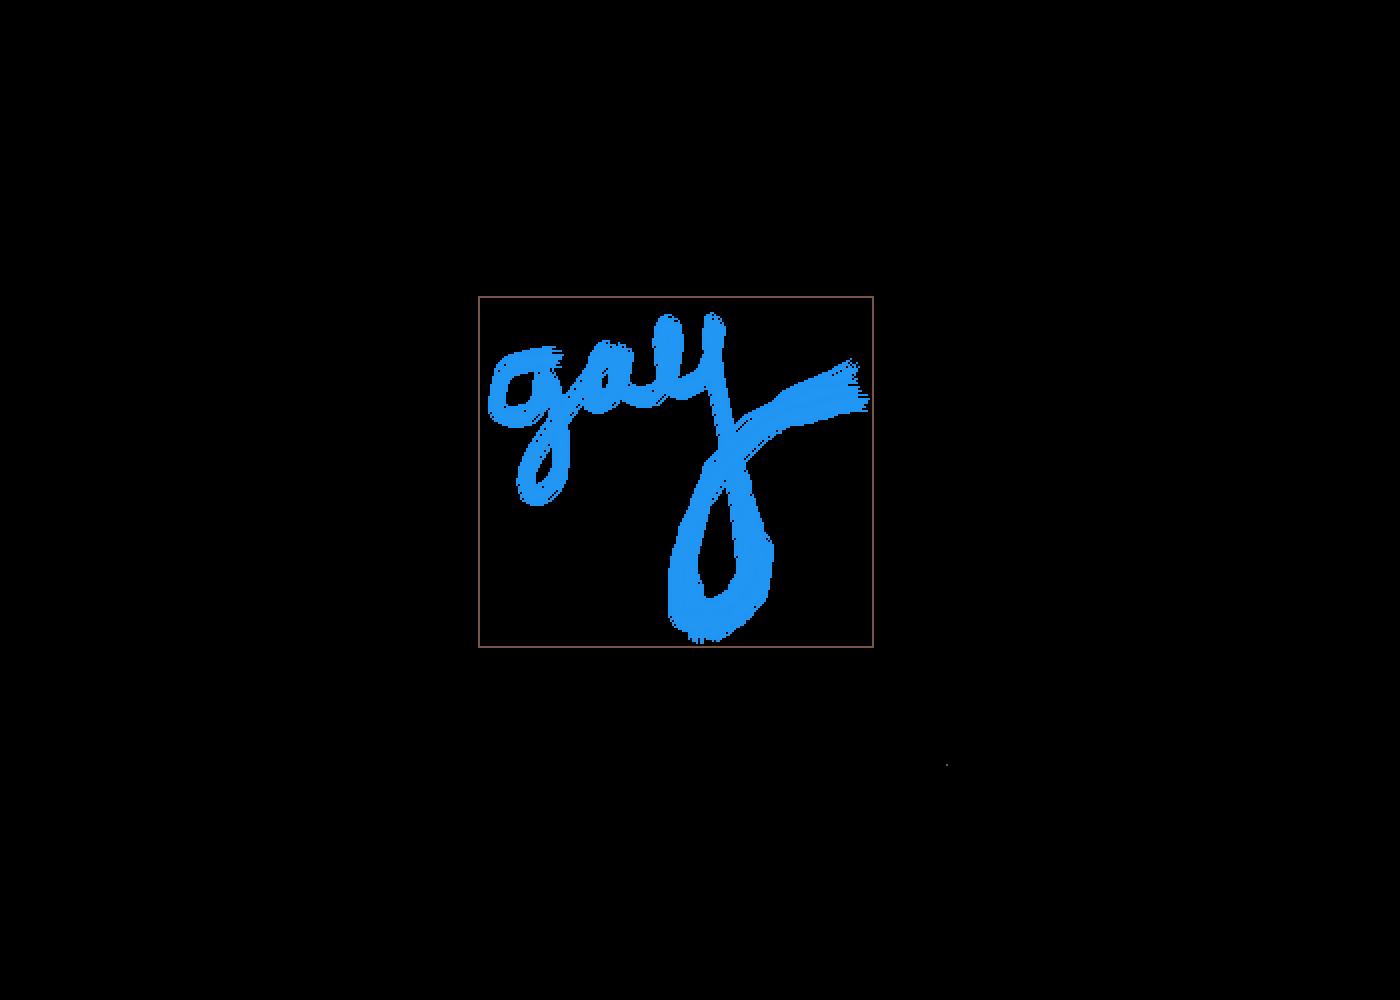 gay by BloodyRose0513